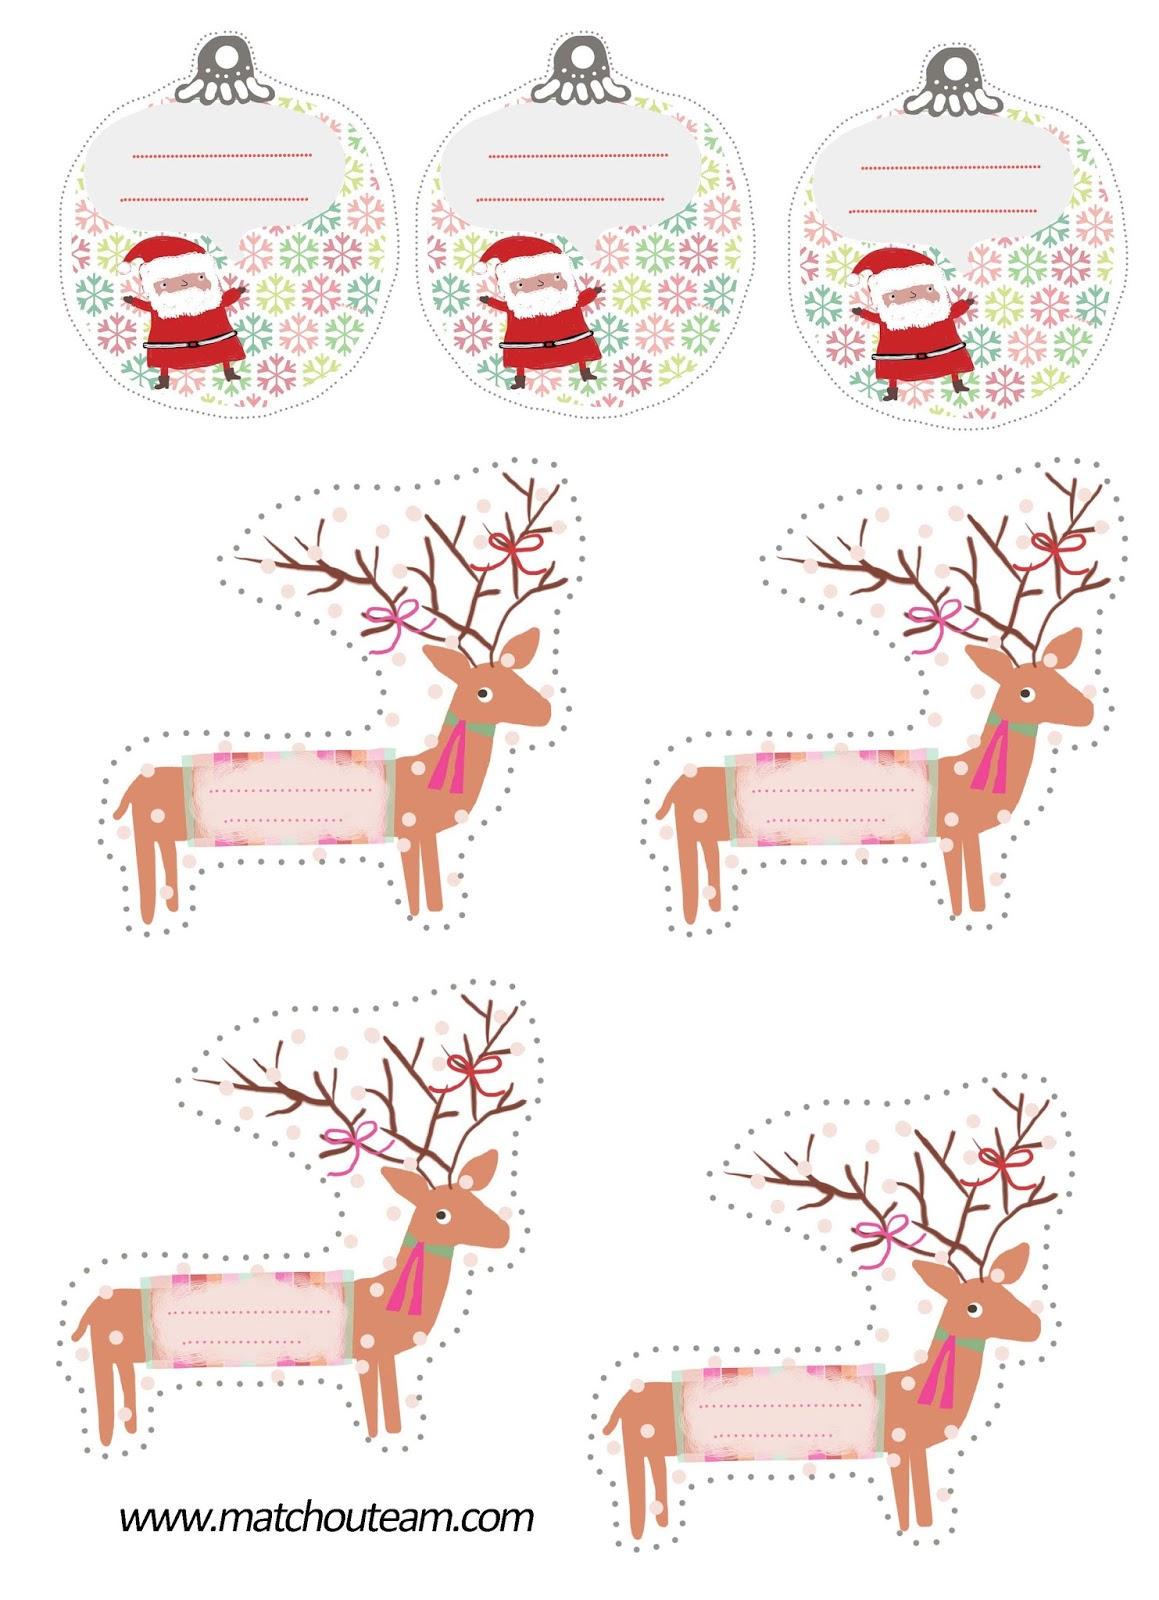 ma tchou team tiquettes imprimer pour de beaux paquets cadeaux. Black Bedroom Furniture Sets. Home Design Ideas